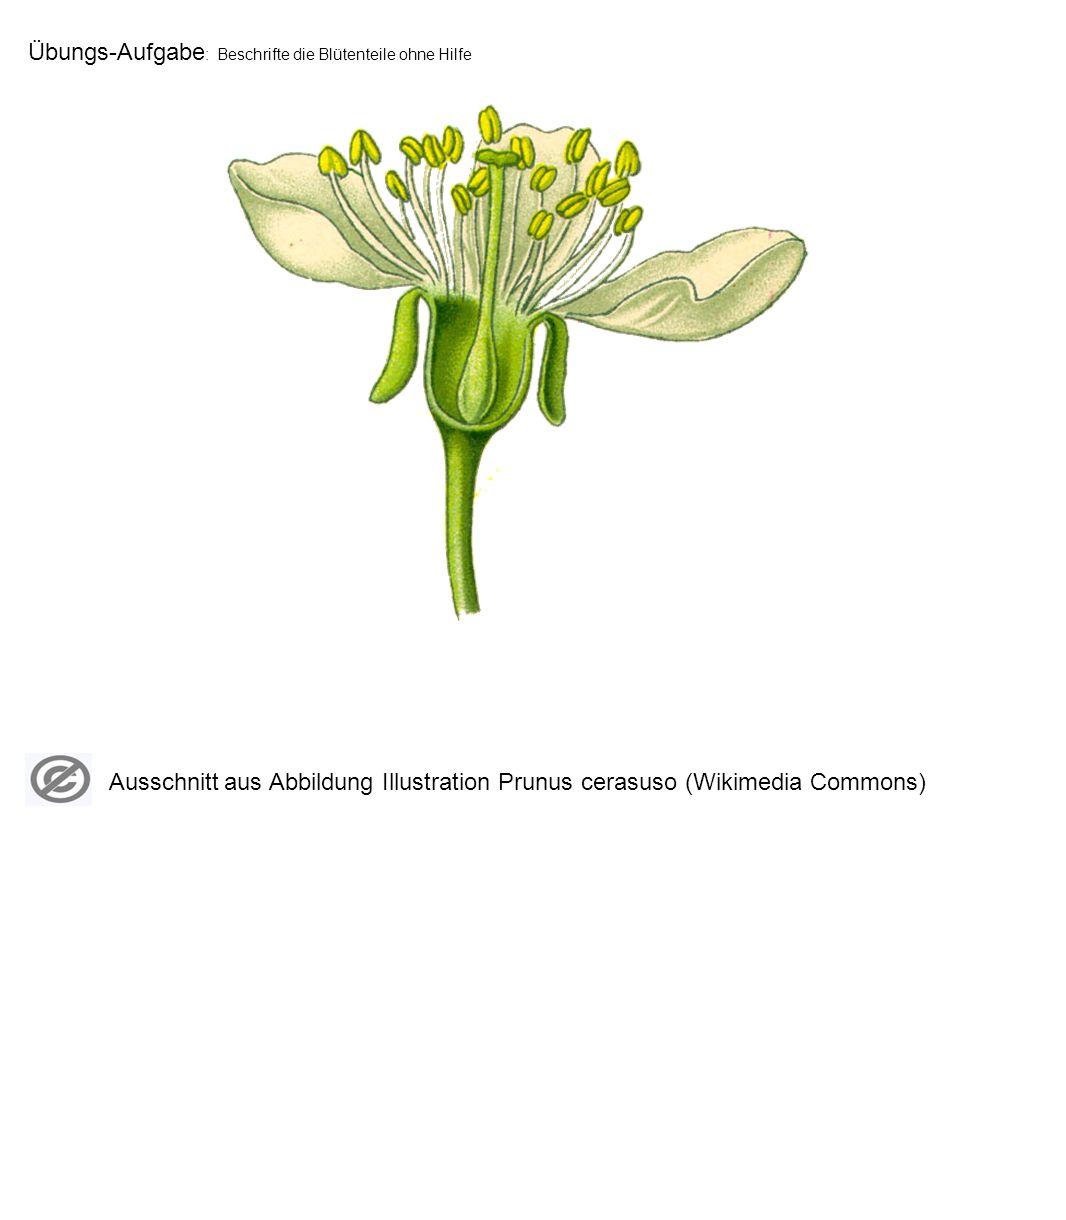 Übungs-Aufgabe: Beschrifte die Blütenteile ohne Hilfe